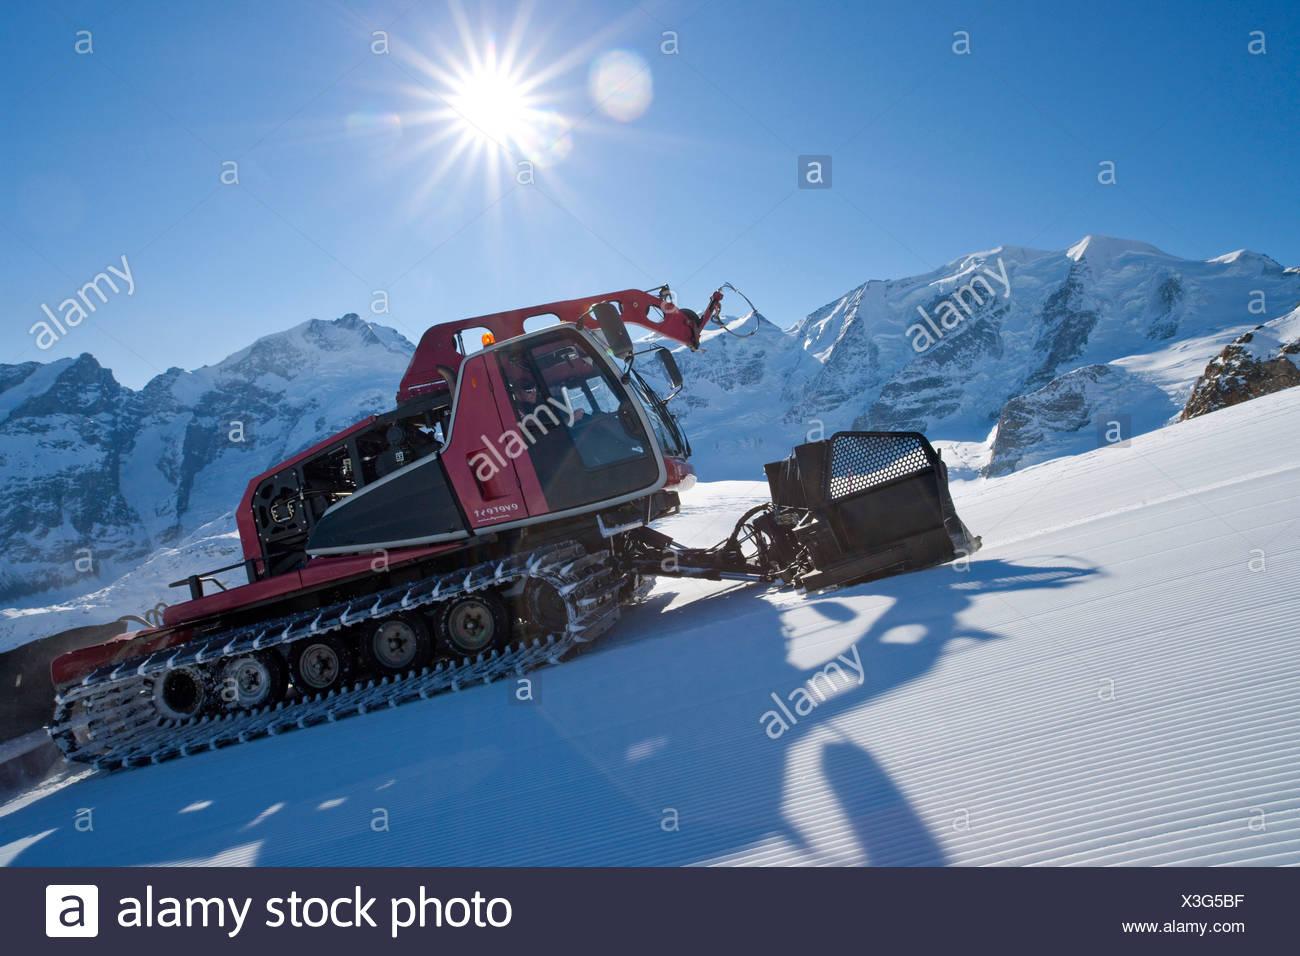 Piste, vehículo, nieve, goomer Diavolezza, vista la Bernina, deportes de invierno, cantón, GR, cantón de Los Grisones, Grisones, Engadin, Engadin, Obere Imagen De Stock